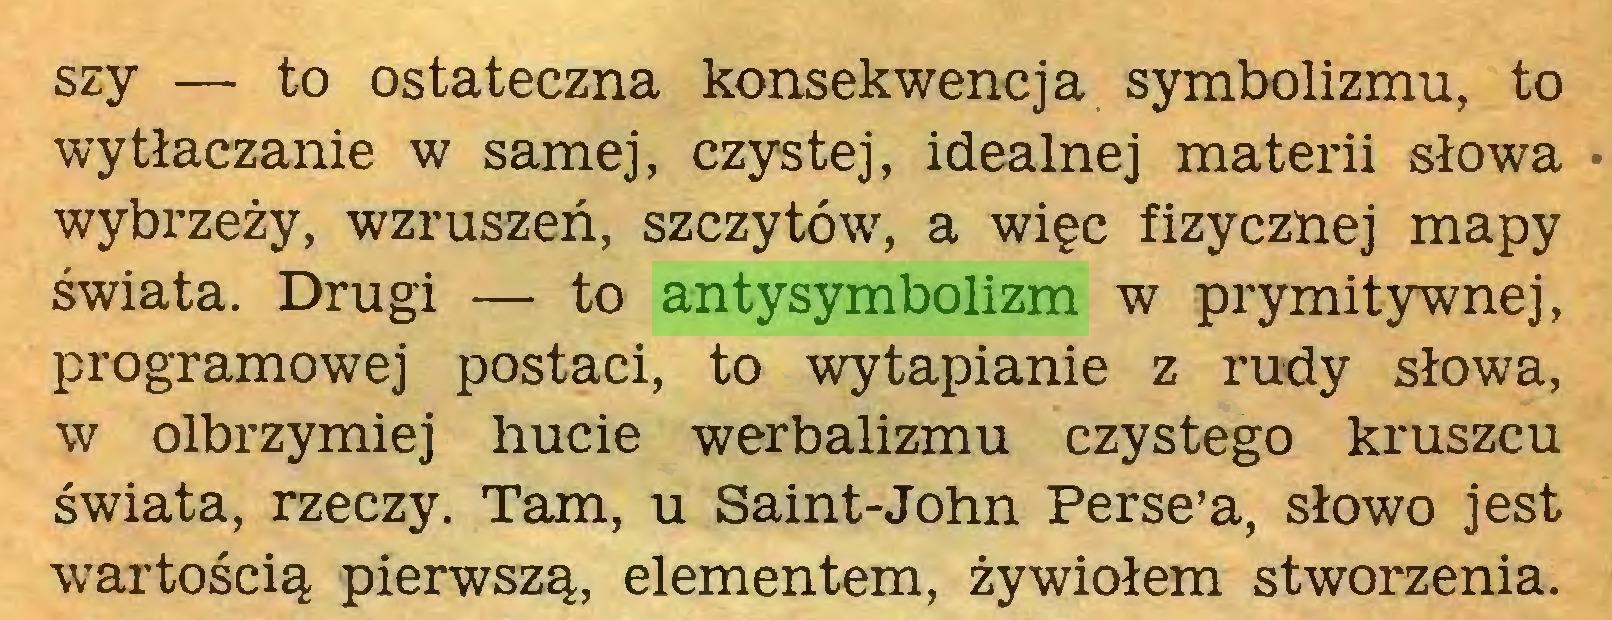 (...) szy — to ostateczna konsekwencja symbolizmu, to wytłaczanie w samej, czystej, idealnej materii słowa wybrzeży, wzruszeń, szczytów, a więc fizycznej mapy świata. Drugi — to antysymbolizm w prymitywnej, programowej postaci, to wytapianie z rudy słowa, w olbrzymiej hucie werbalizmu czystego kruszcu świata, rzeczy. Tam, u Saint-John Perse'a, słowo jest wartością pierwszą, elementem, żywiołem stworzenia...